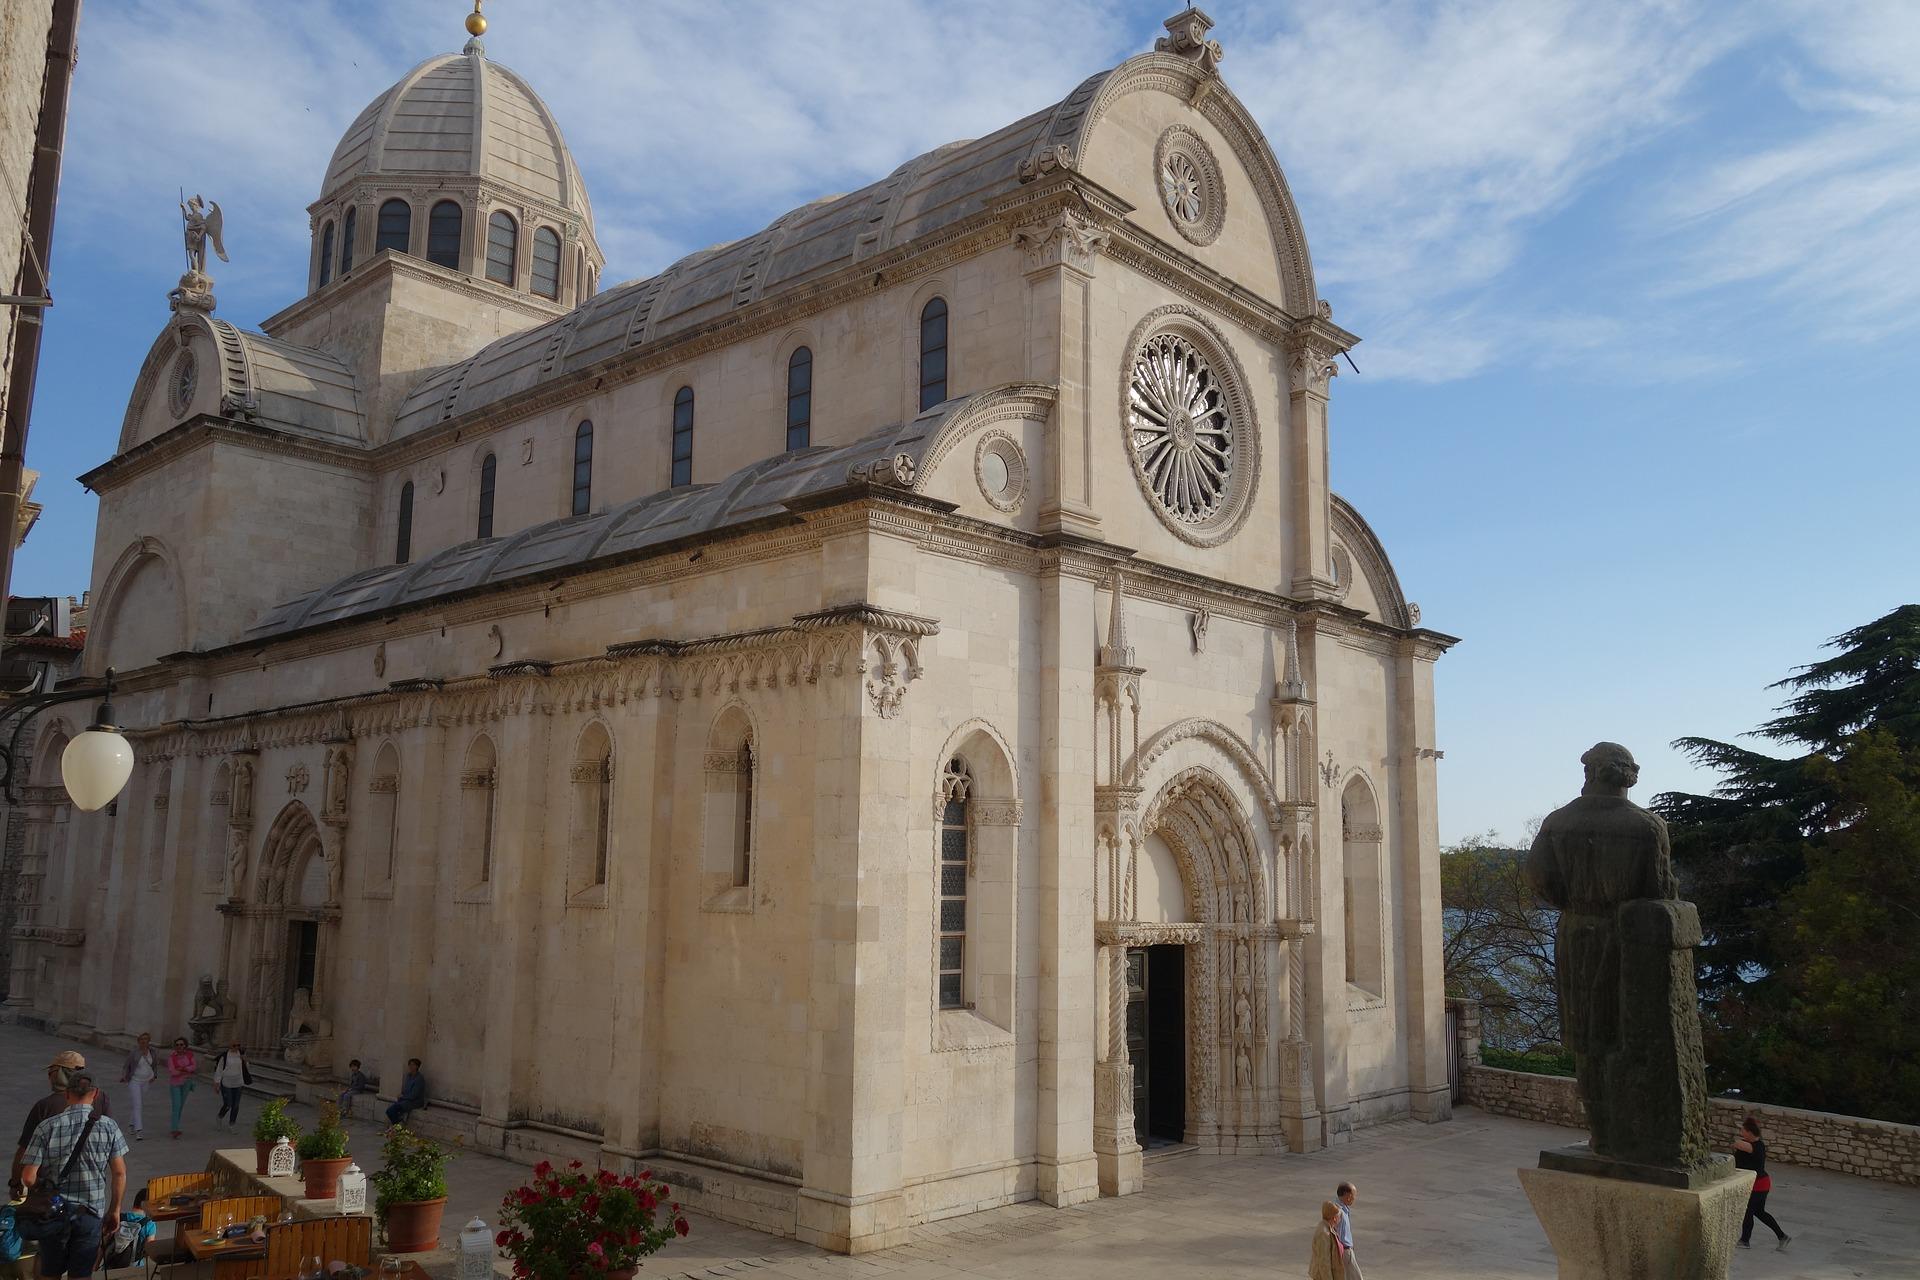 [FOTO] Katedrala koja je 2000. godine uvrštena na  UNESCO-ov popis svjetskog kulturnog nasljeđa